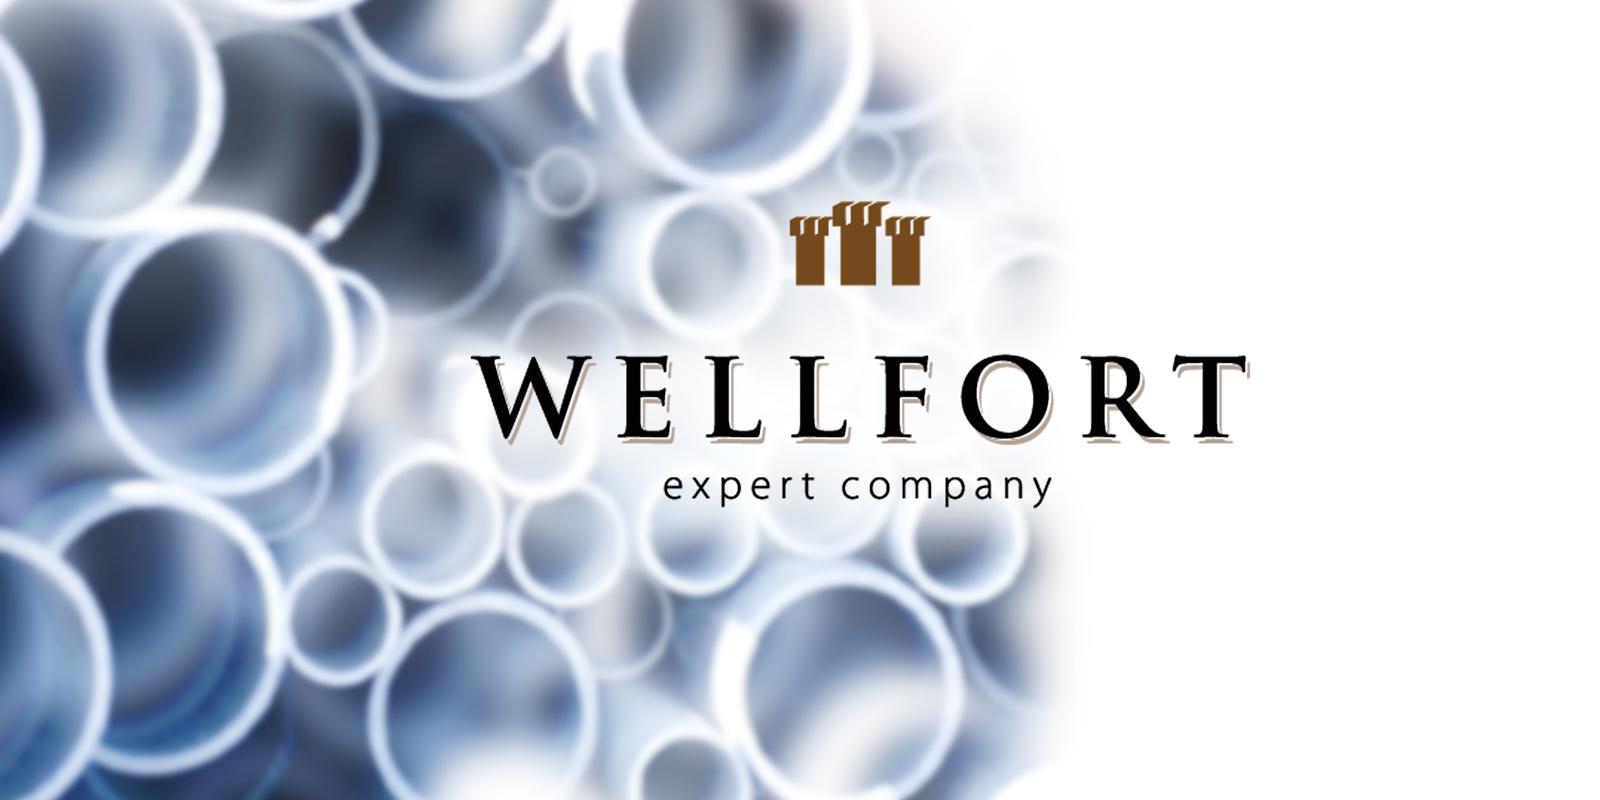 Компания «Wellfort»;;;;;;Разработка имени и слогана;;;;;;<span>Клиент:</span> Компания «Wellfort»;;;;;;;;;;;;Разработка имени и слогана;;;;;; 8 ;;;;;;